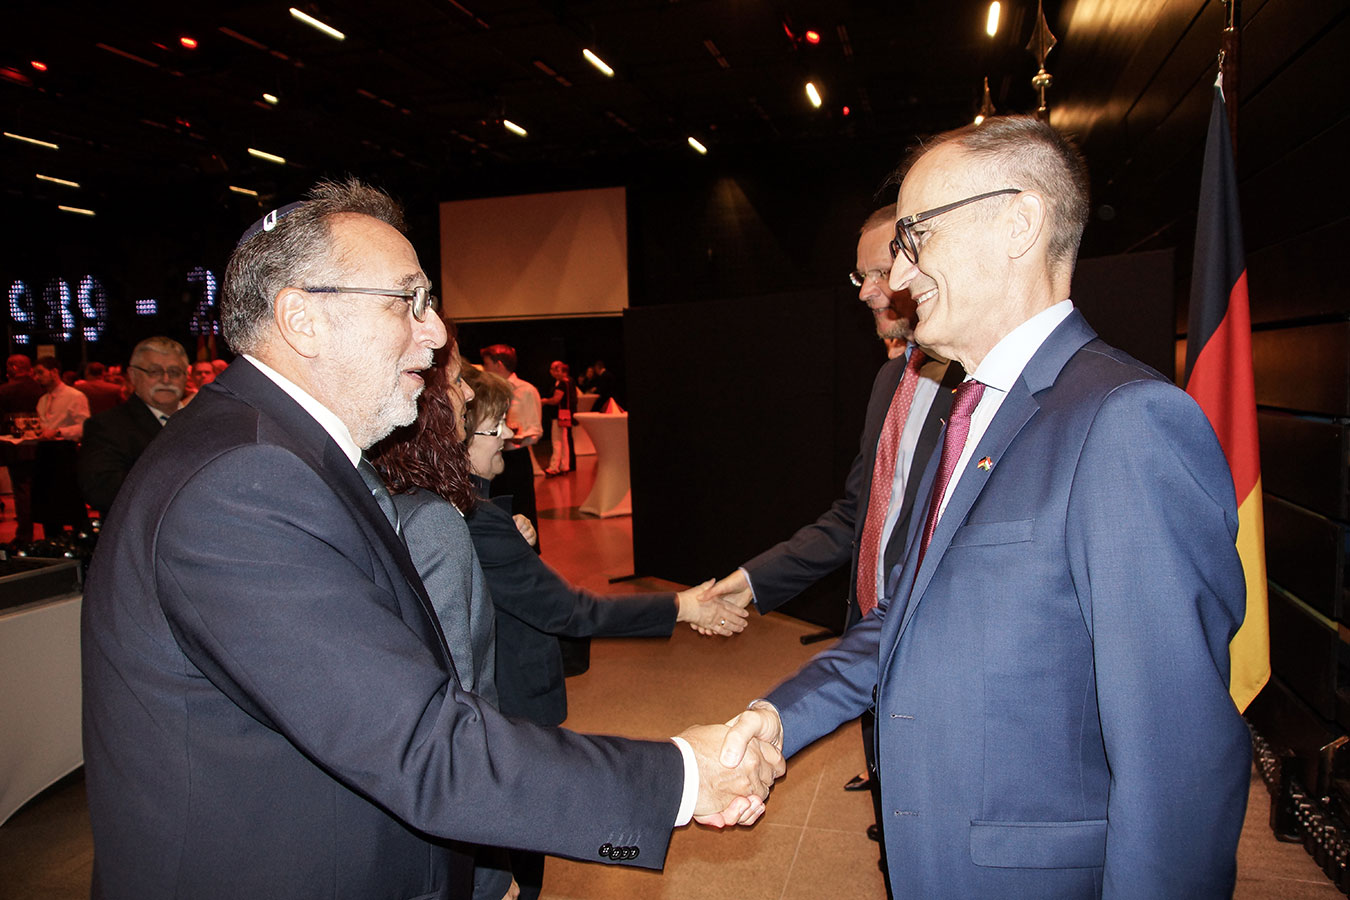 Őexc. Volkmar Wenzel német nagykövet és Heisler András, a Mazsihisz elnöke<br />(Fotó: Aigner Ivan)